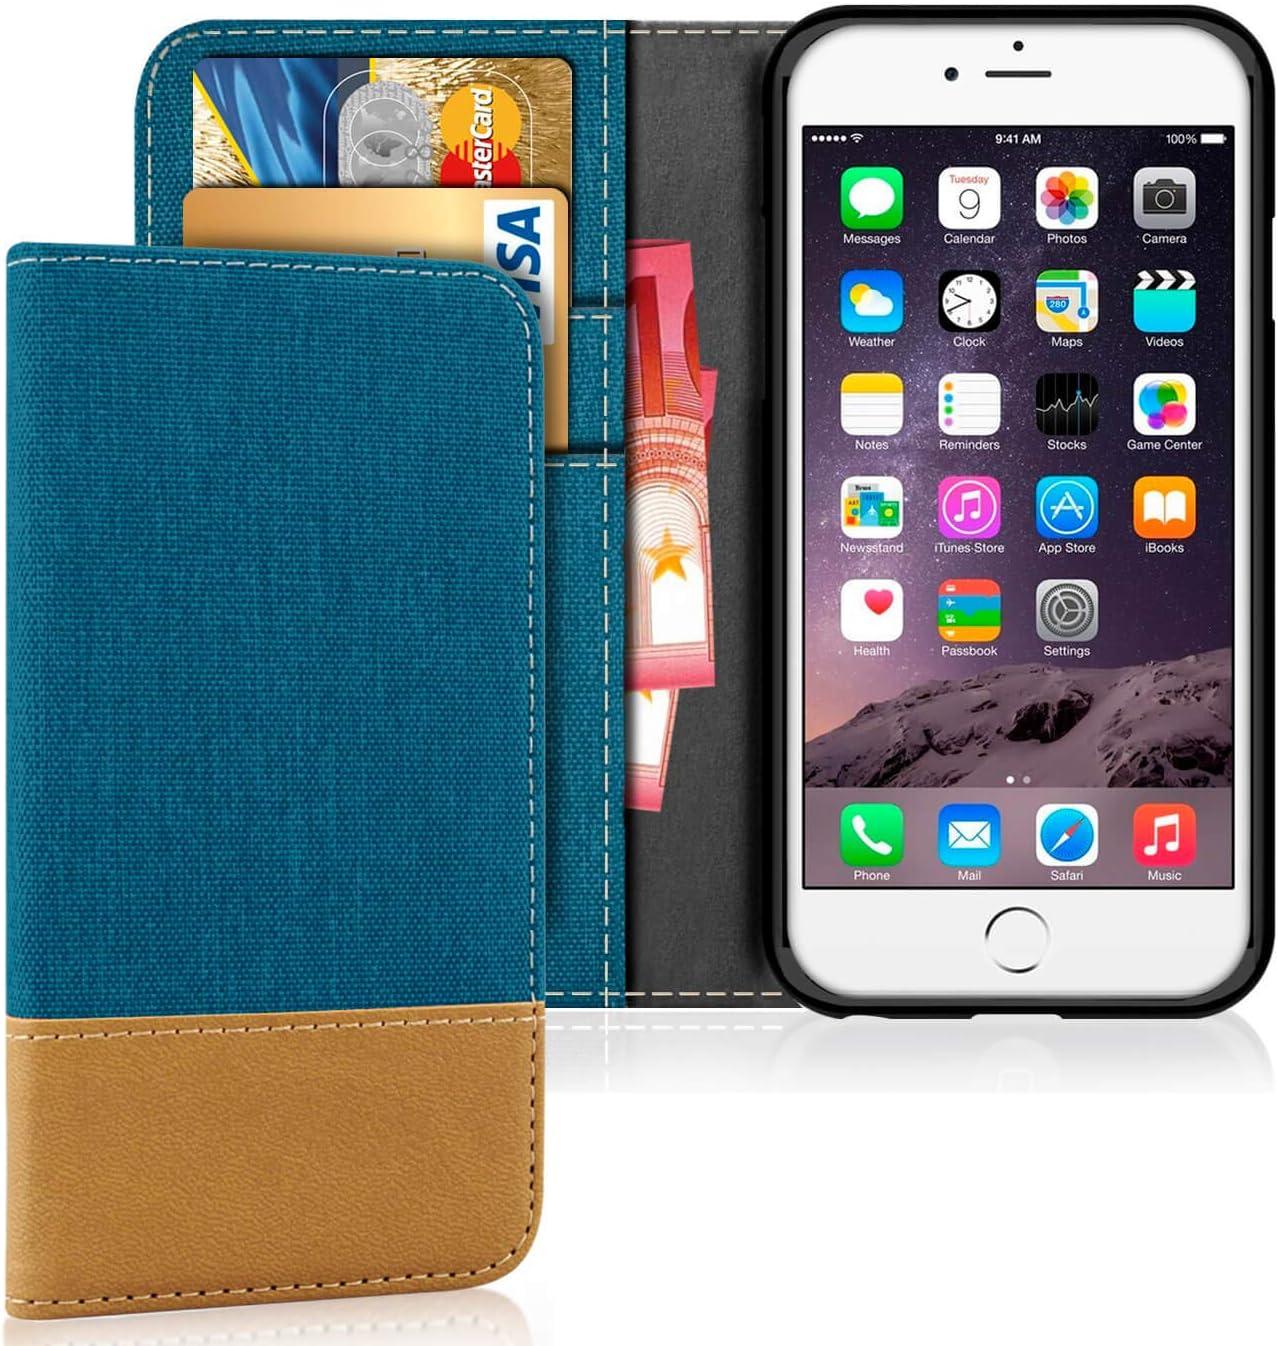 Orange United Case Leather Bumper for Apple iPhone 6 6s Credit Card Slot Holder